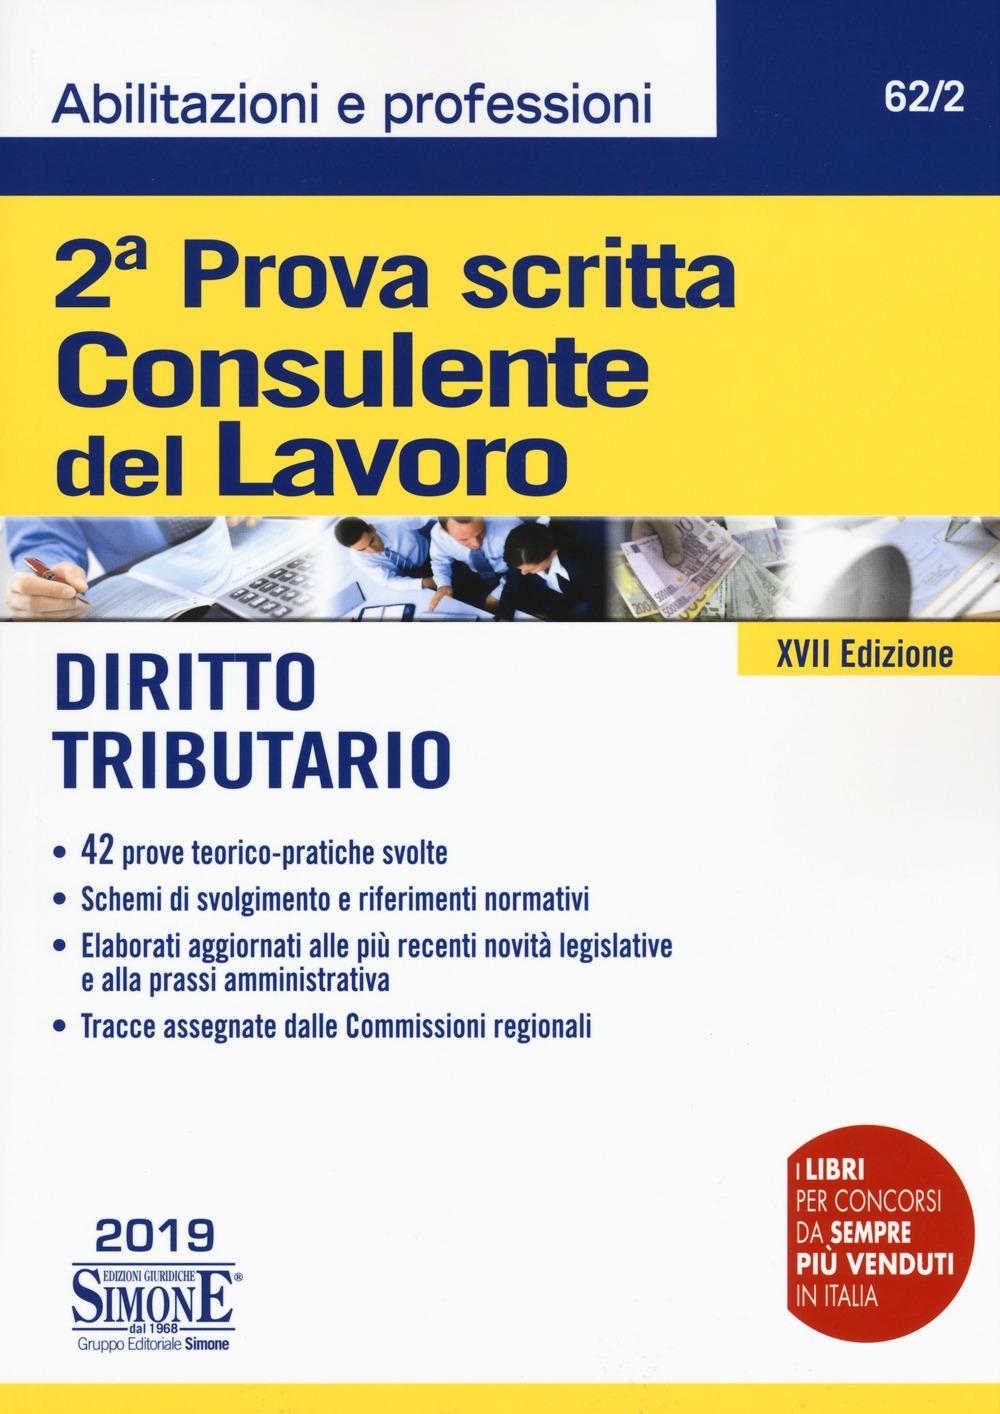 Consulente del lavoro. 2ª prova scritta. Diritto tributario